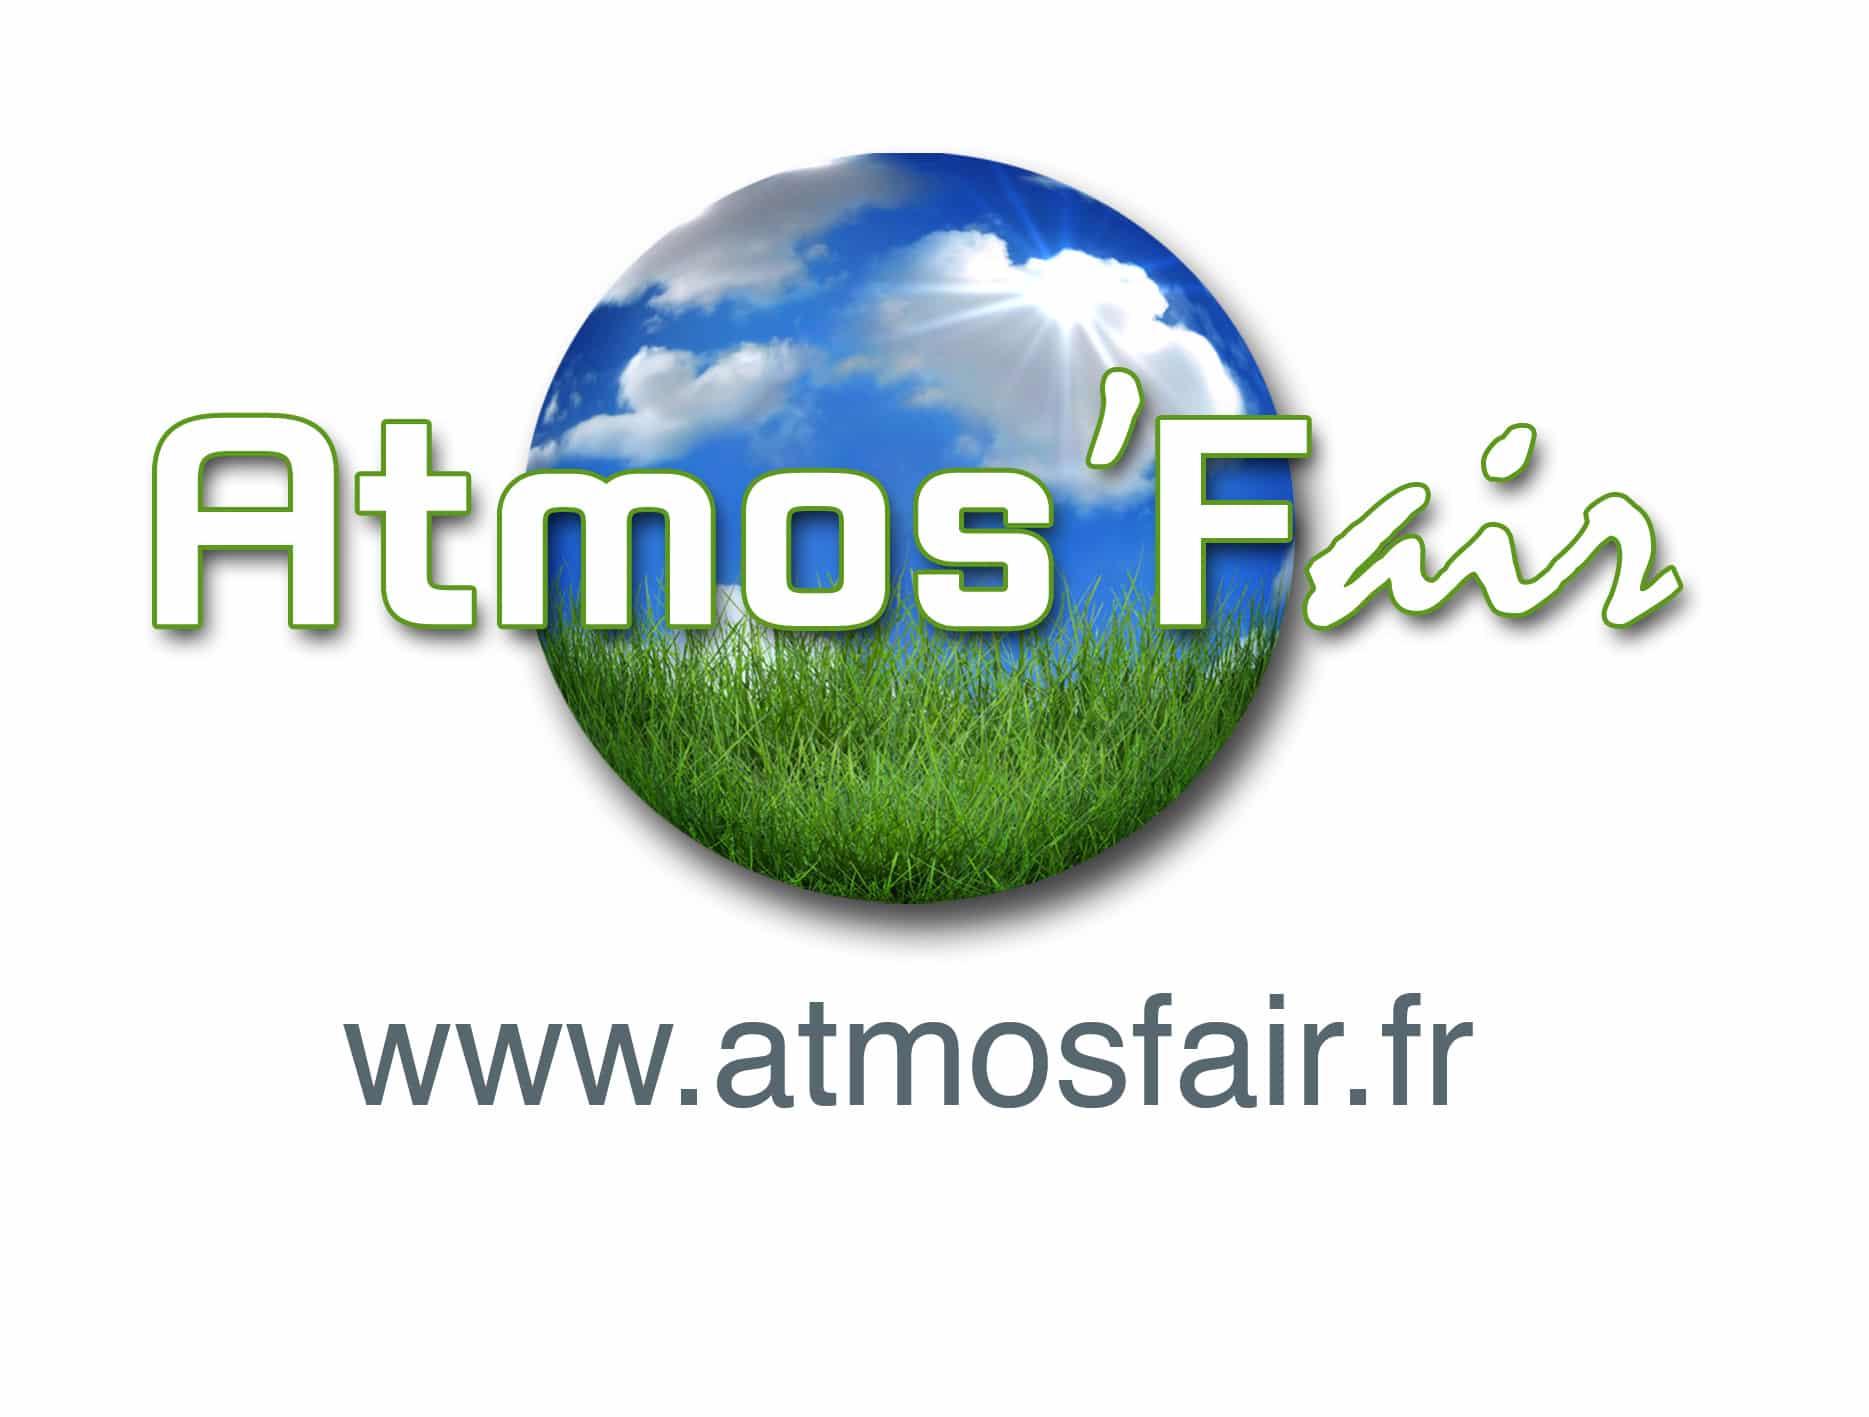 Retrouvez CHEMLYS au congrès AtmosFair Paris (19-20 juin 2018)